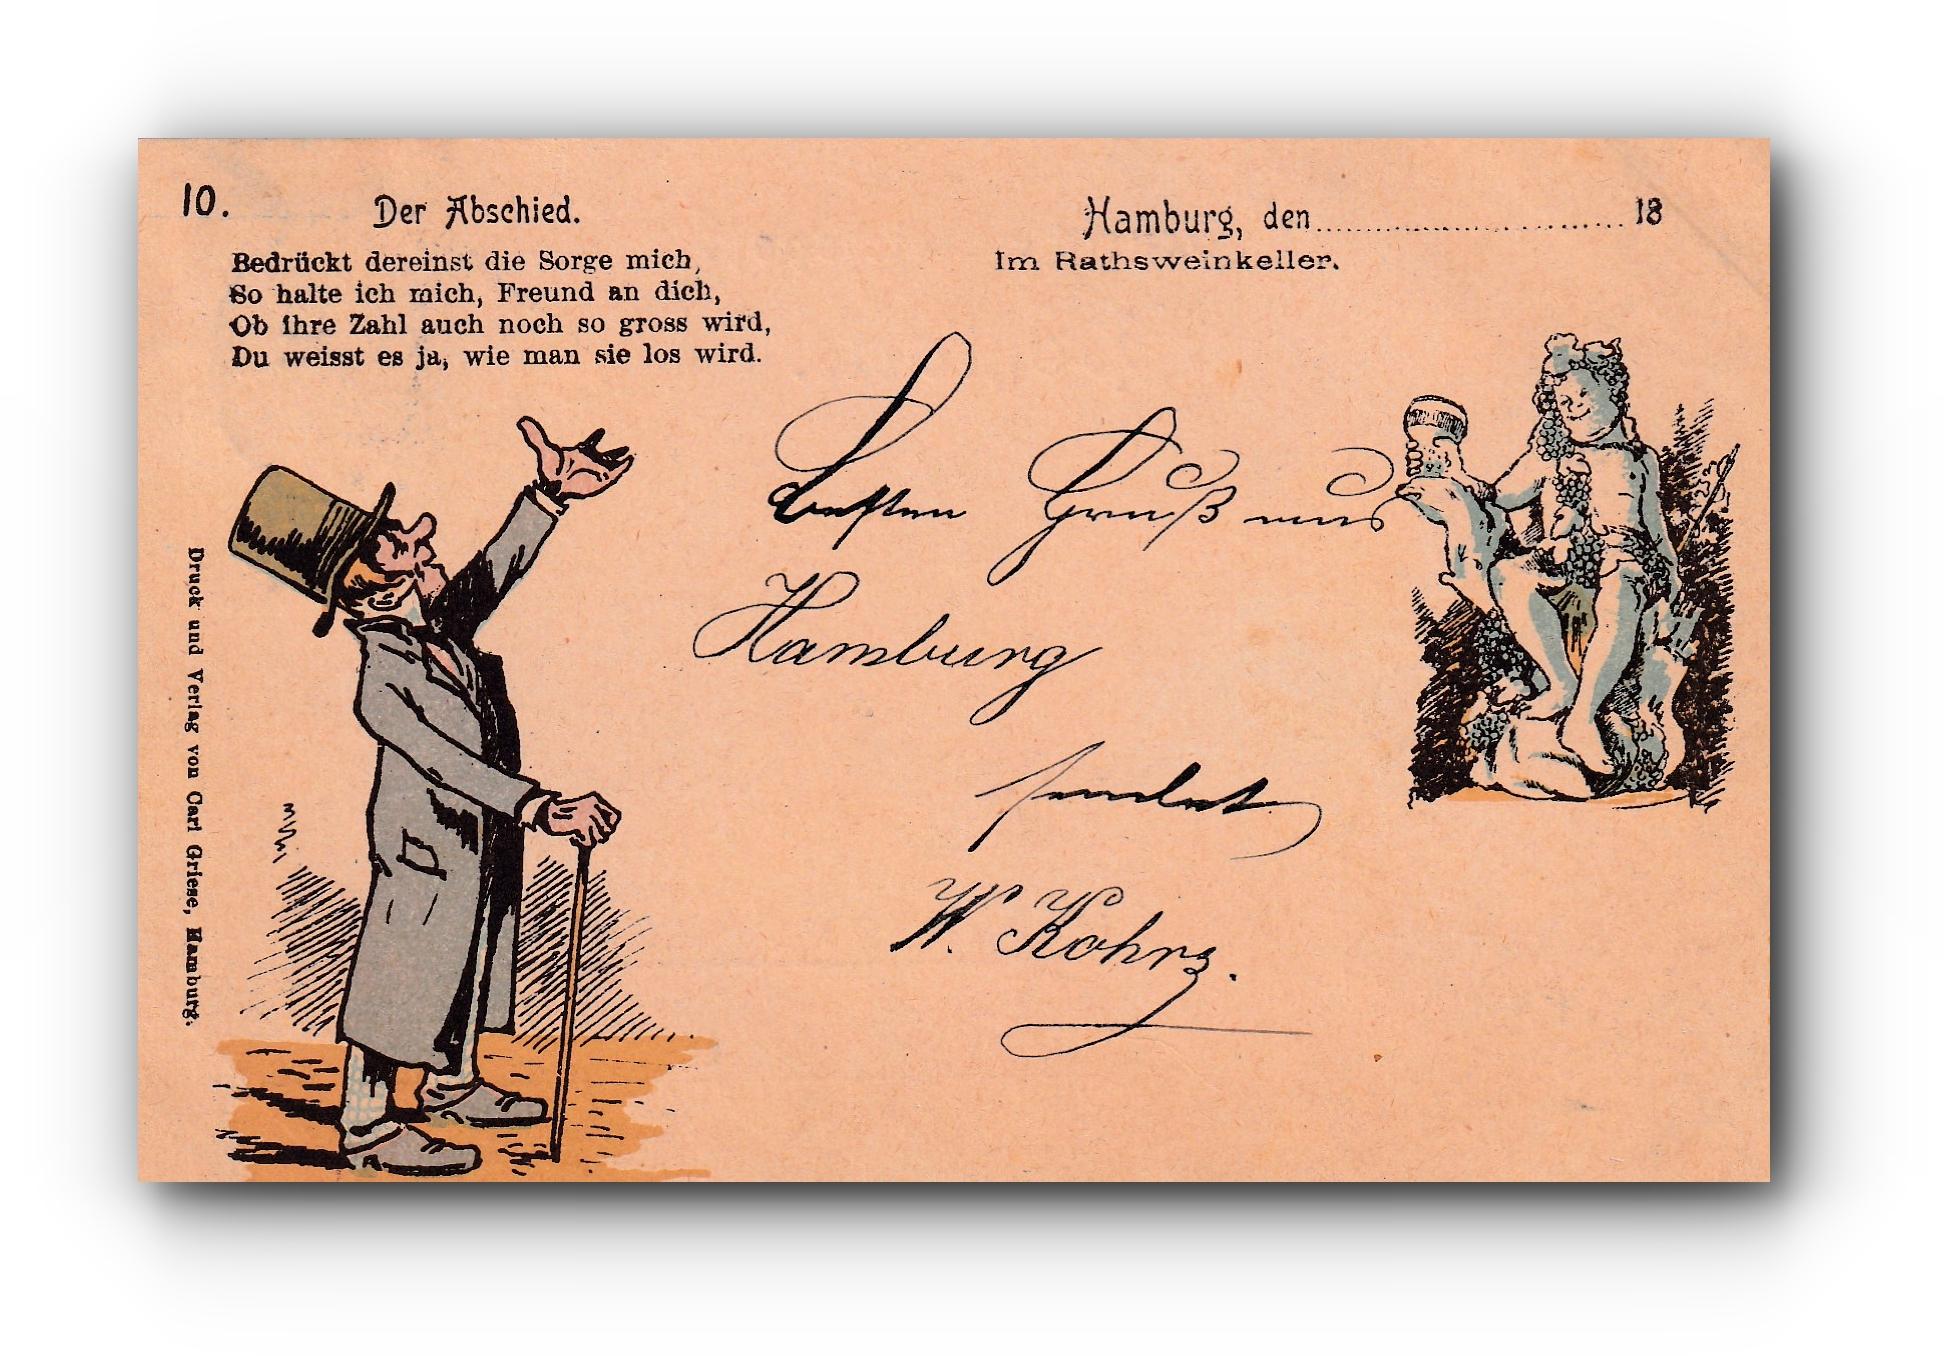 Der Abschied - 24.06.1897 - L'adieu - The farewell